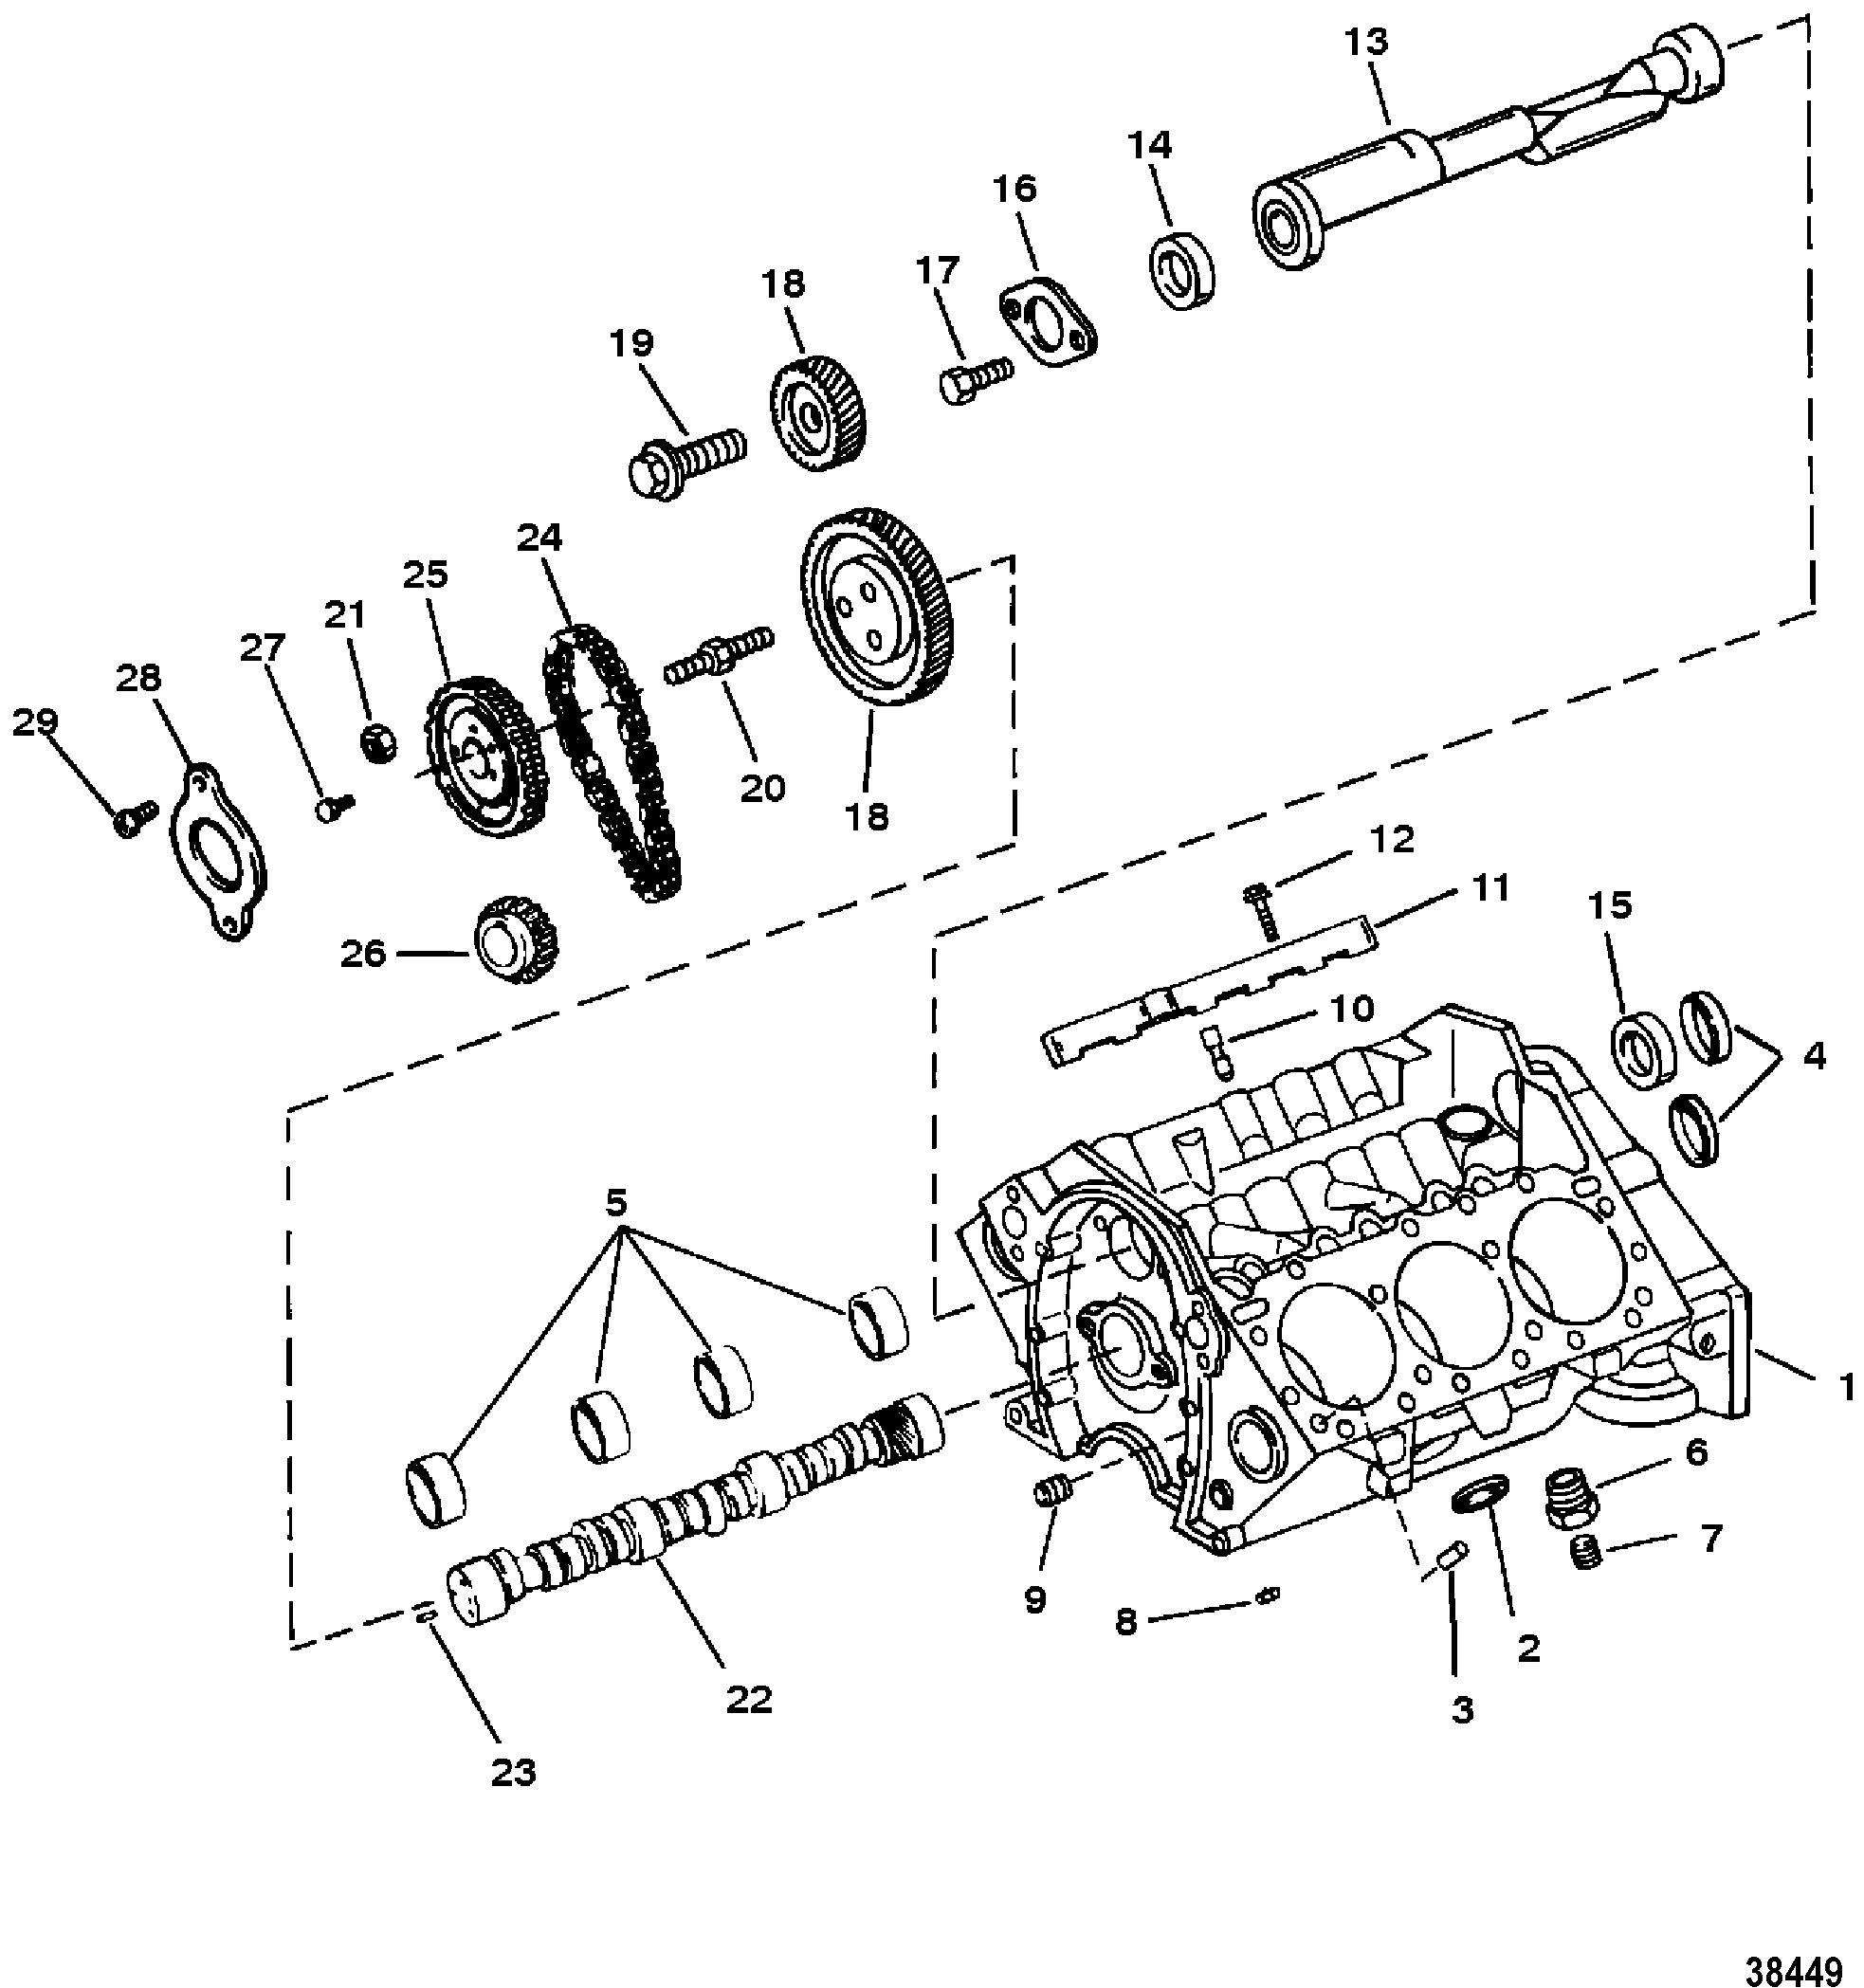 Mercruiser 4 3lx Gen Ii 4